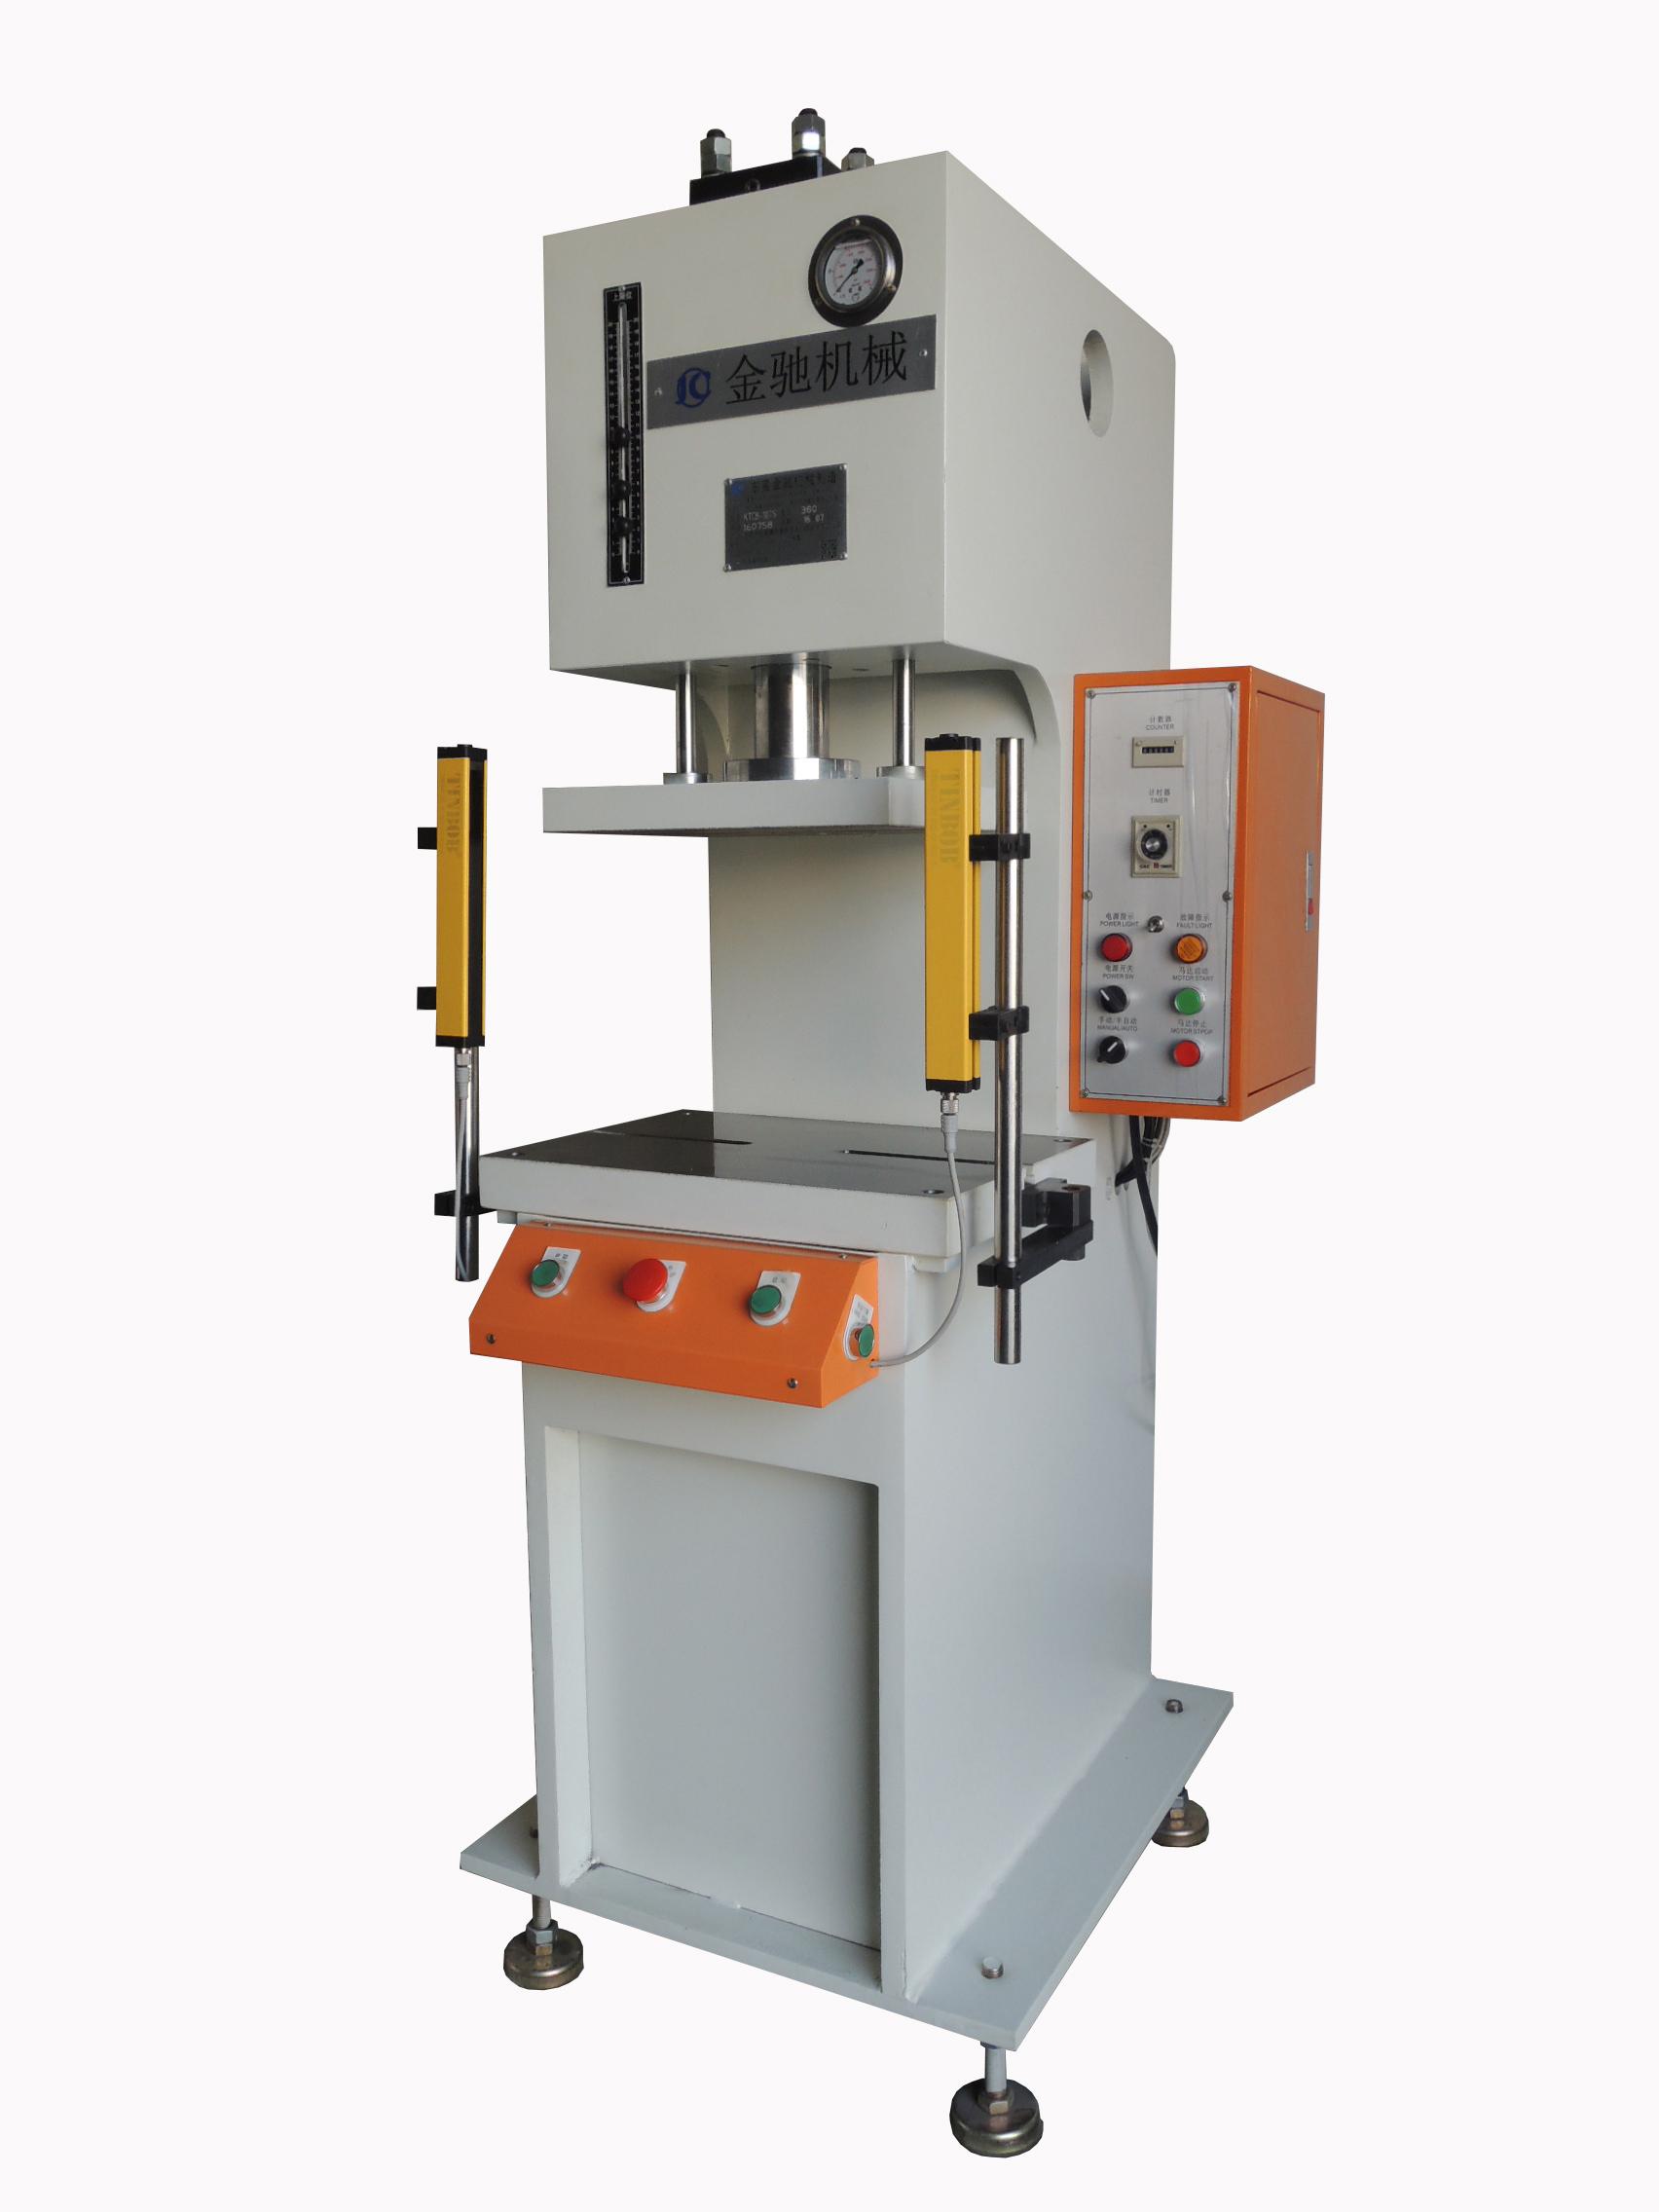 弓型油压机,15吨弓形落地油压机,单柱C型油压机,电子电器冲压,液压机